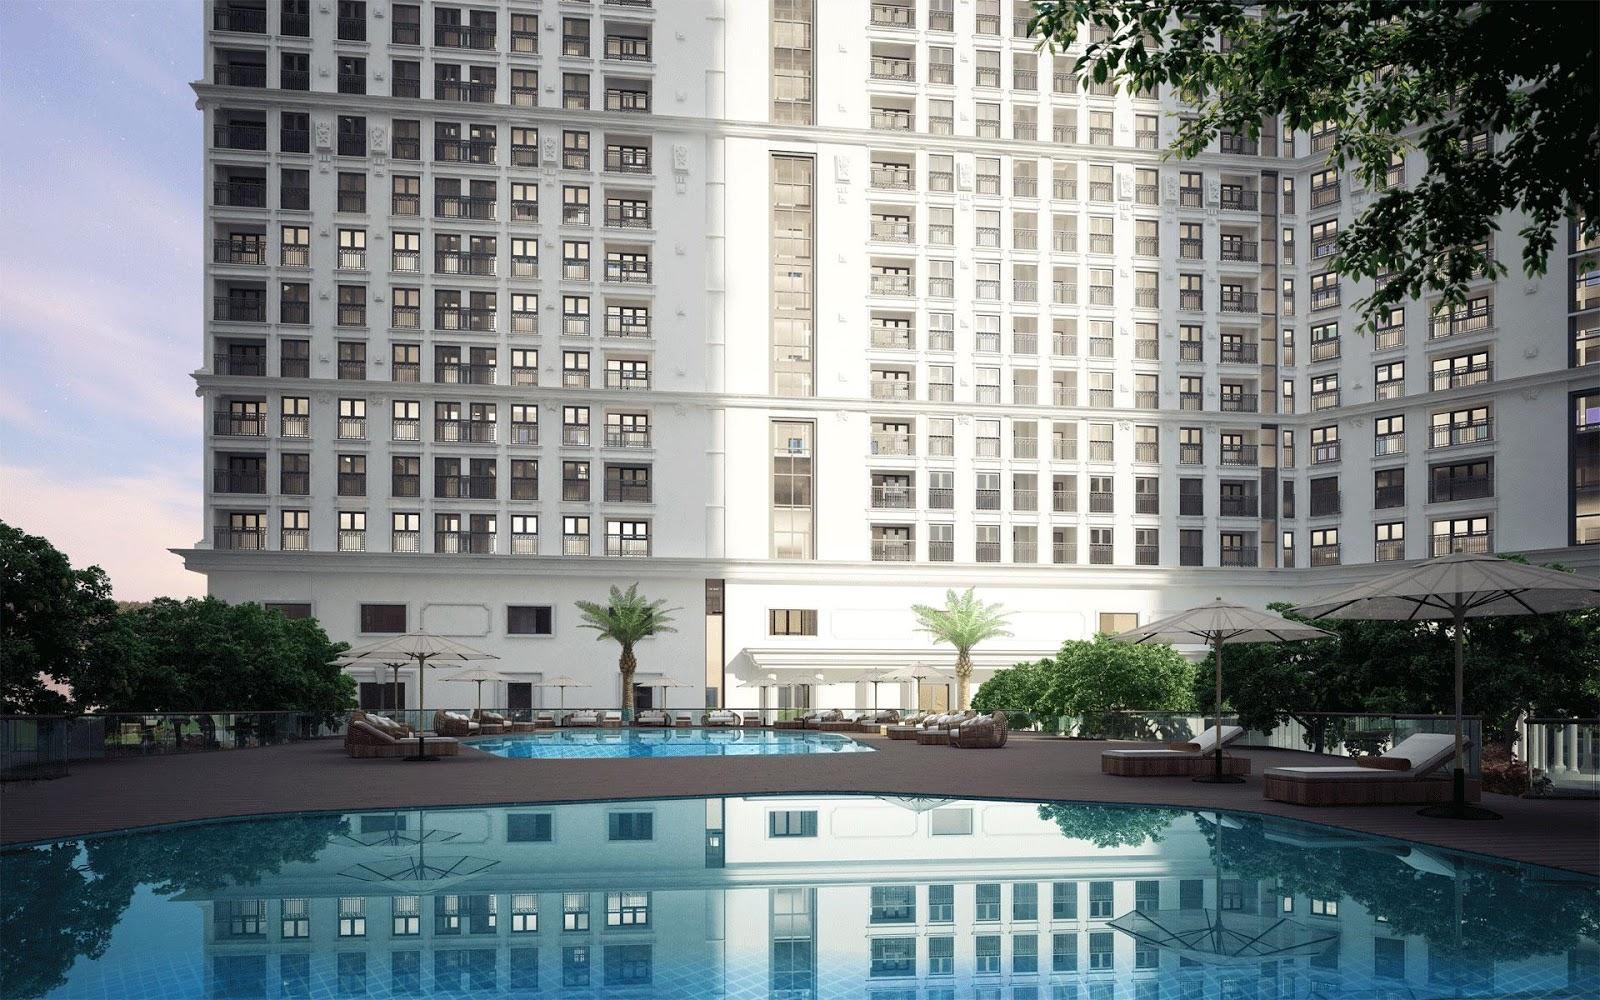 Bể bơi ngoài trời tại dự án chung cư The Emerald Mỹ Đình